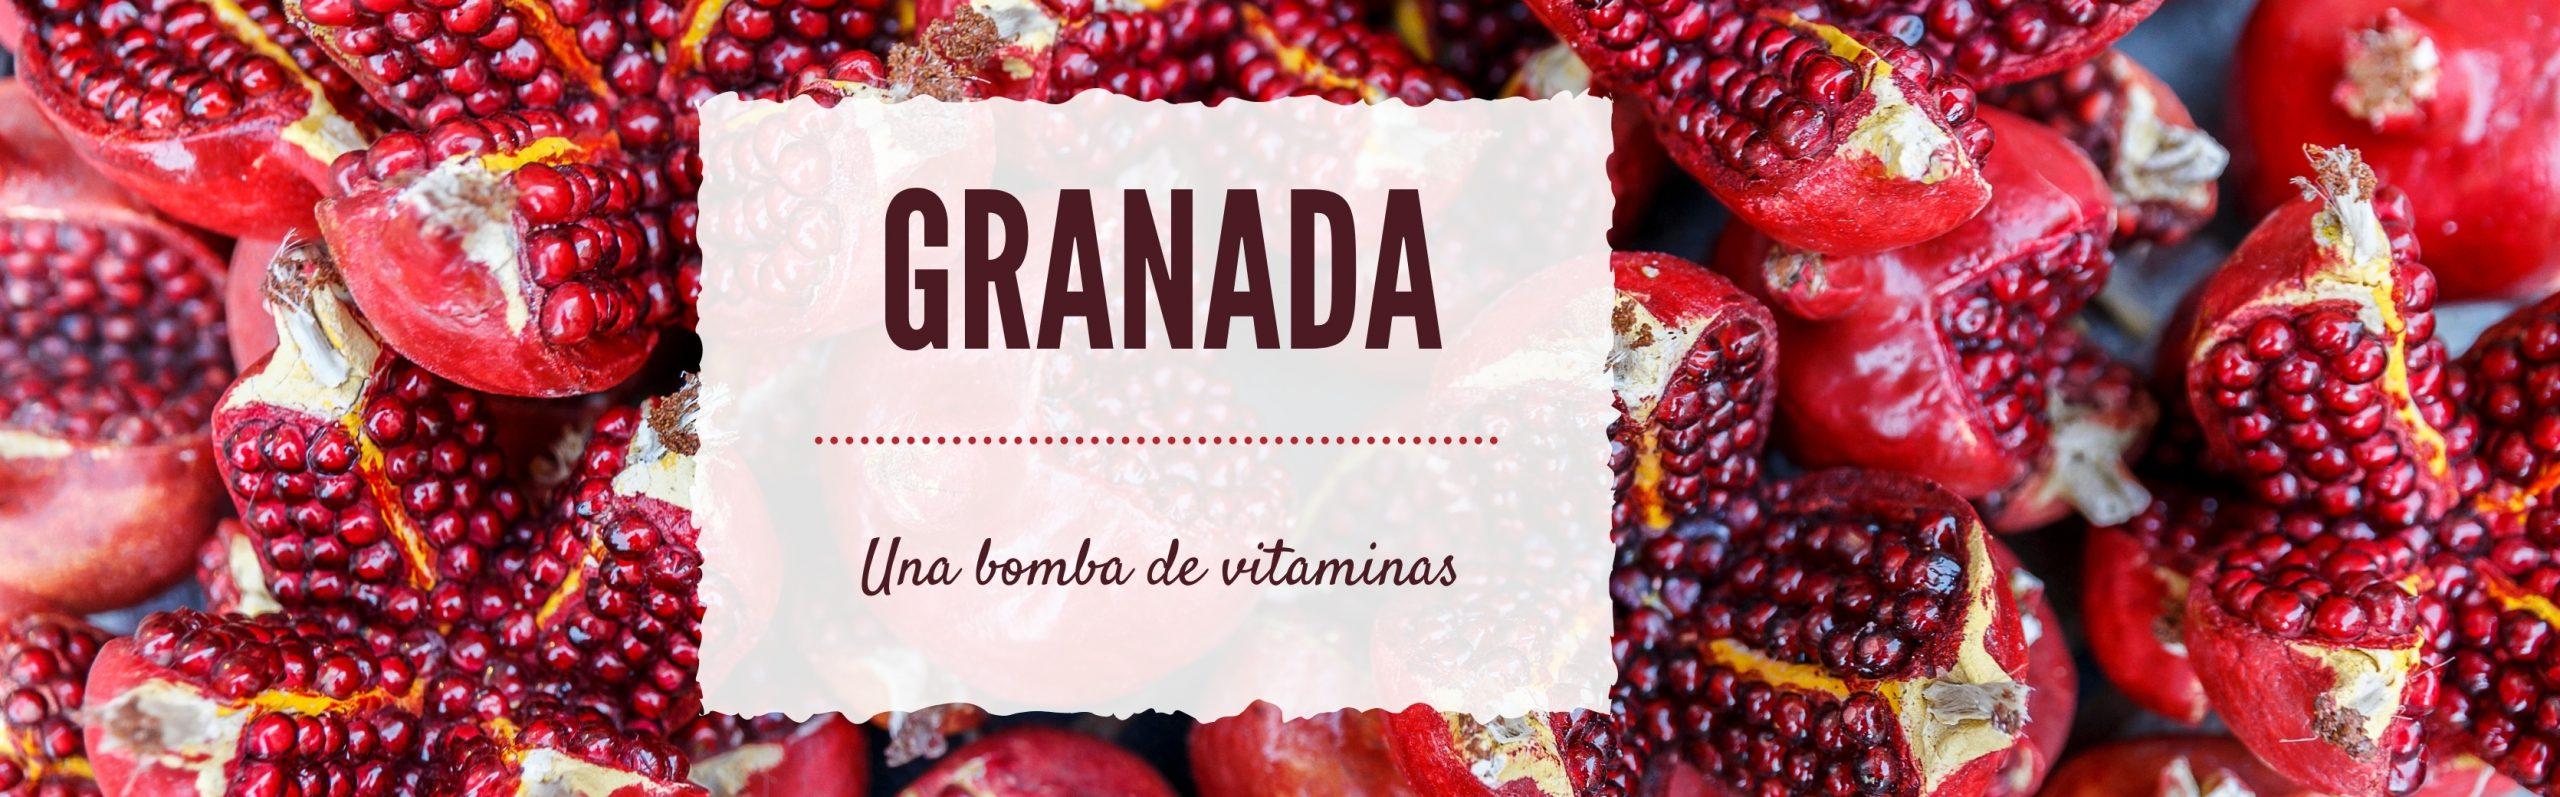 frutería Online - Granada